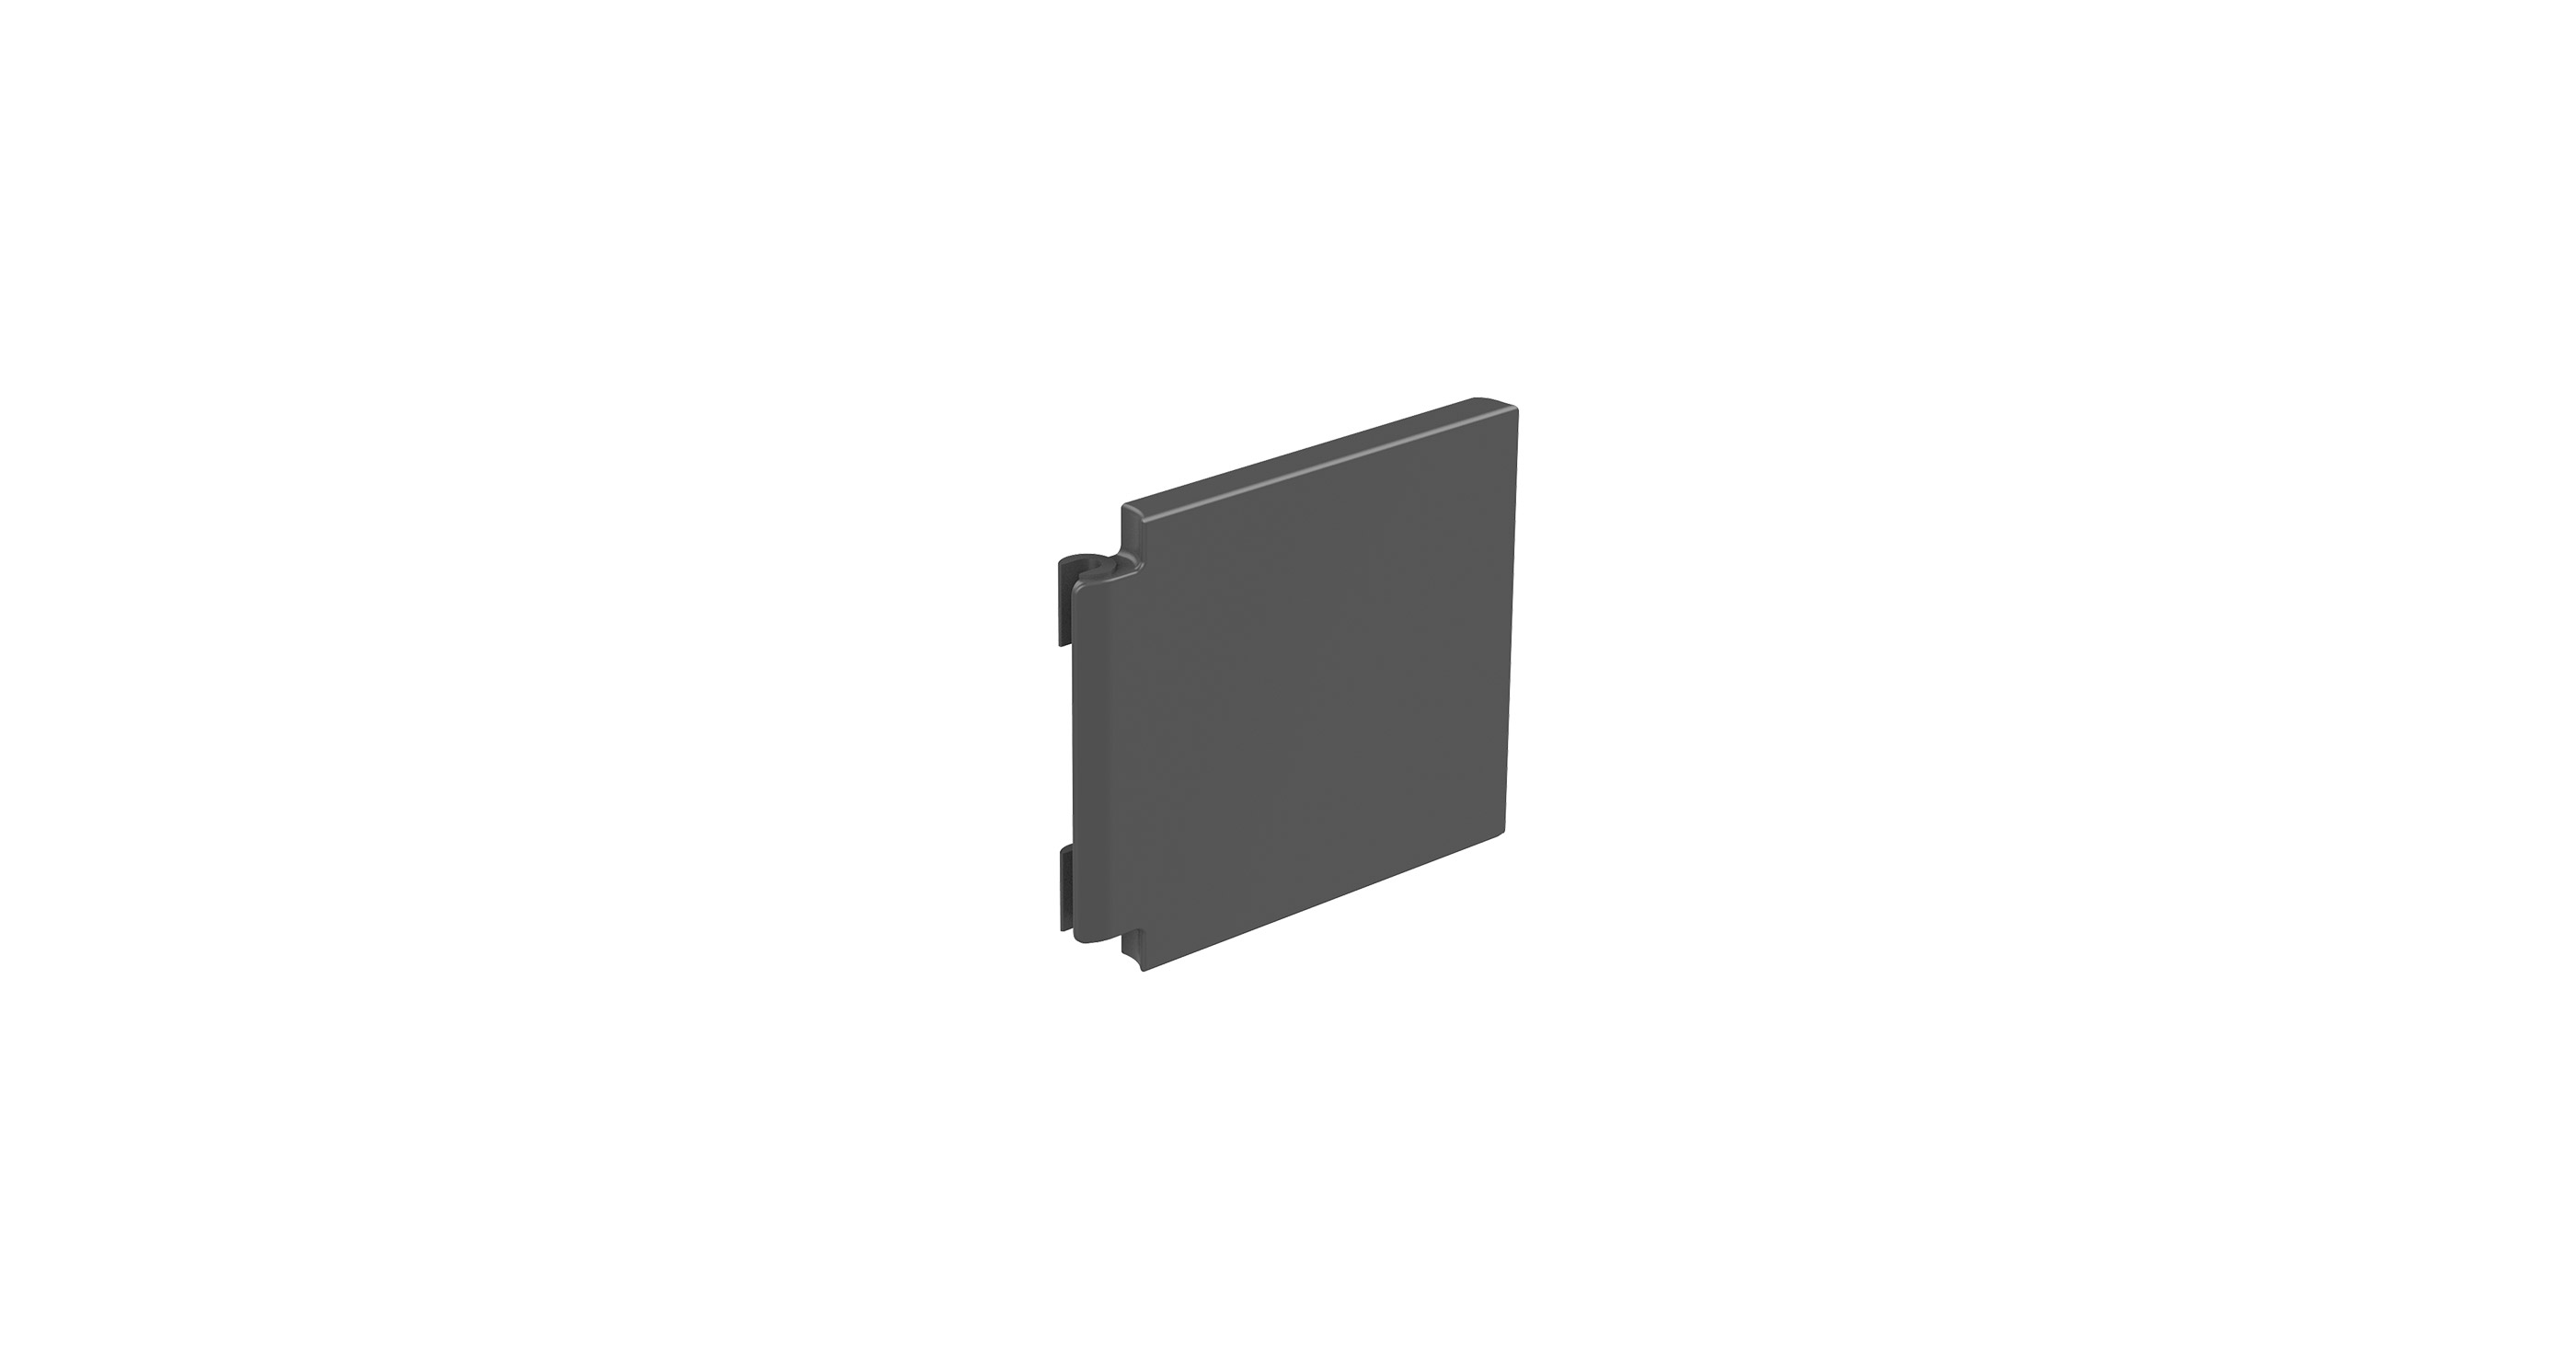 GoPro Replacement Door ( HERO5 Session ) (AMIOD-001)